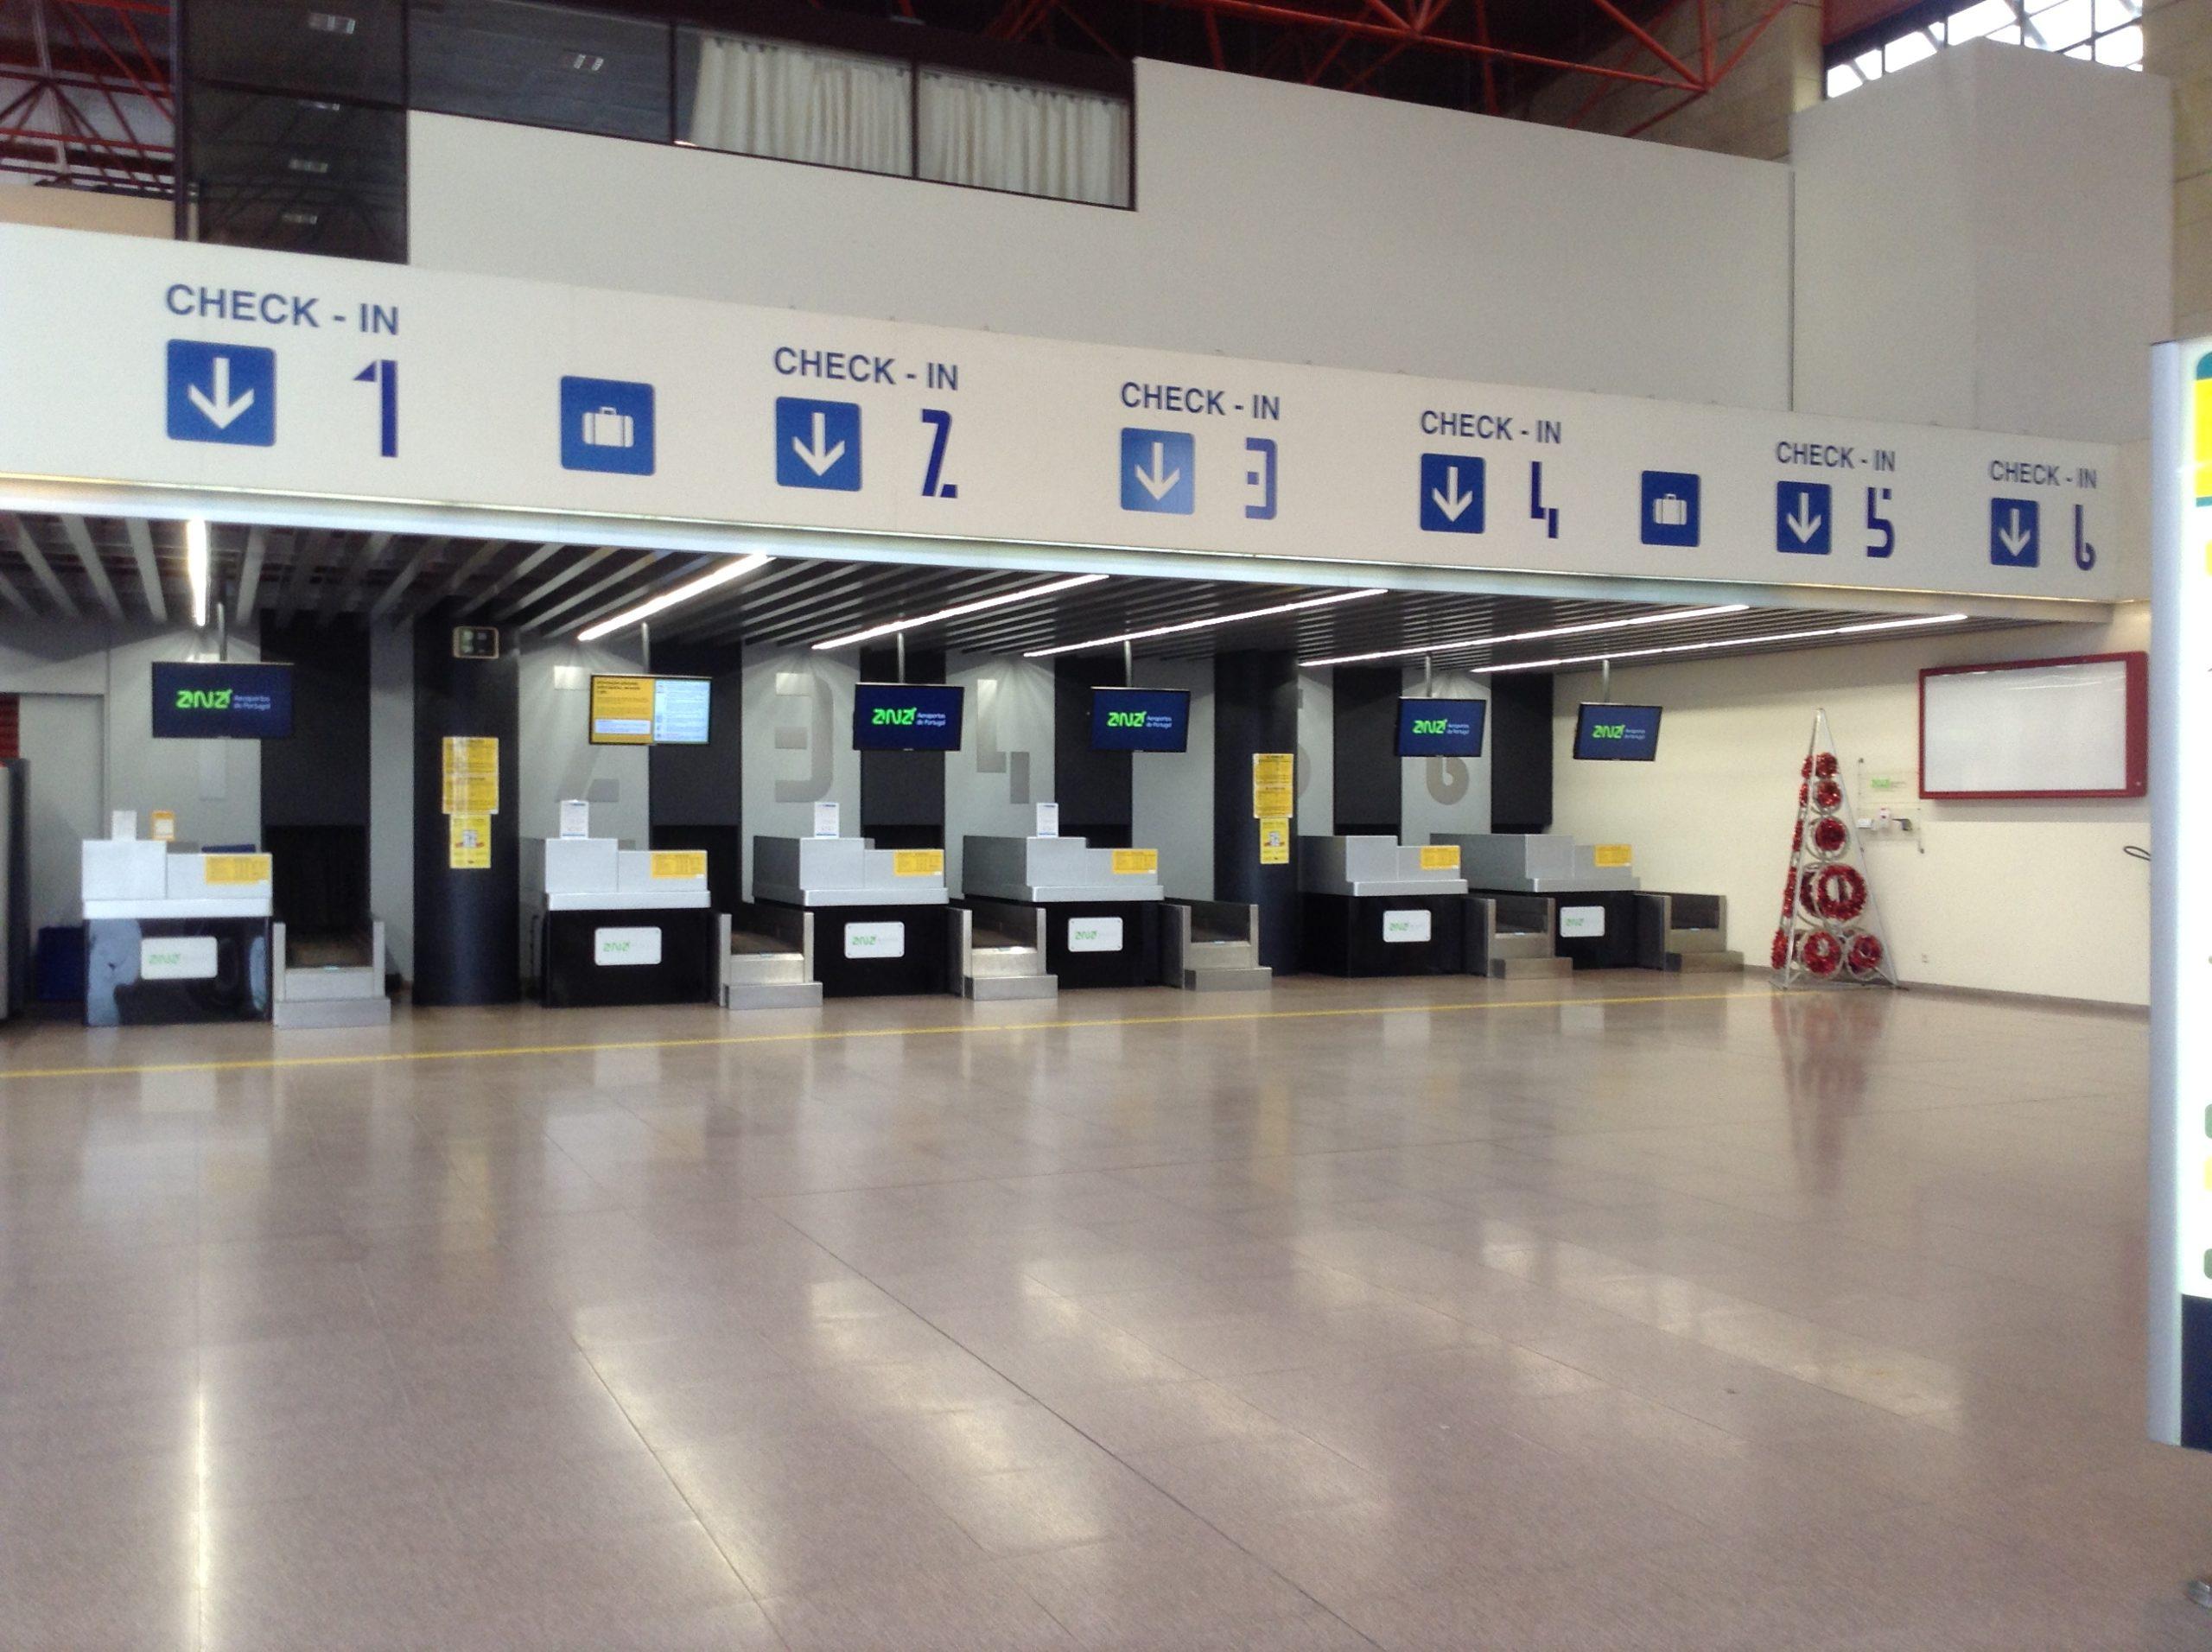 aeroporto-funchal-porto-santo-7